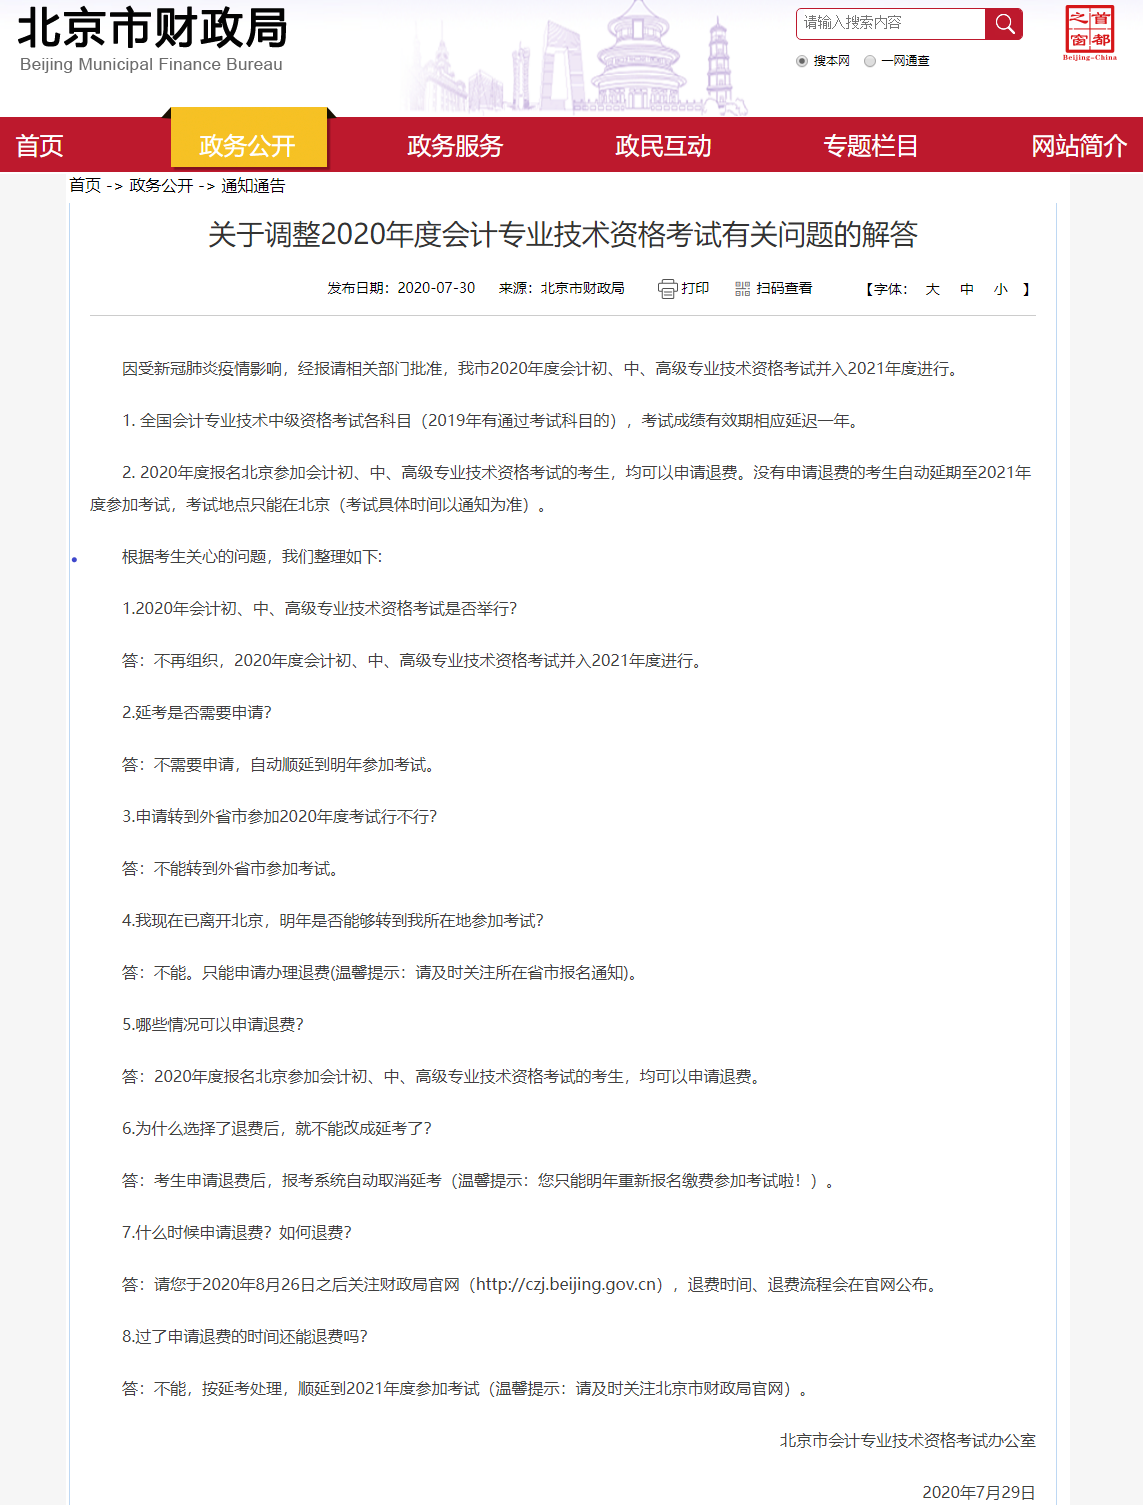 北京2020中级会计考试的调整,官方给出了有关问题的解答,快来看!